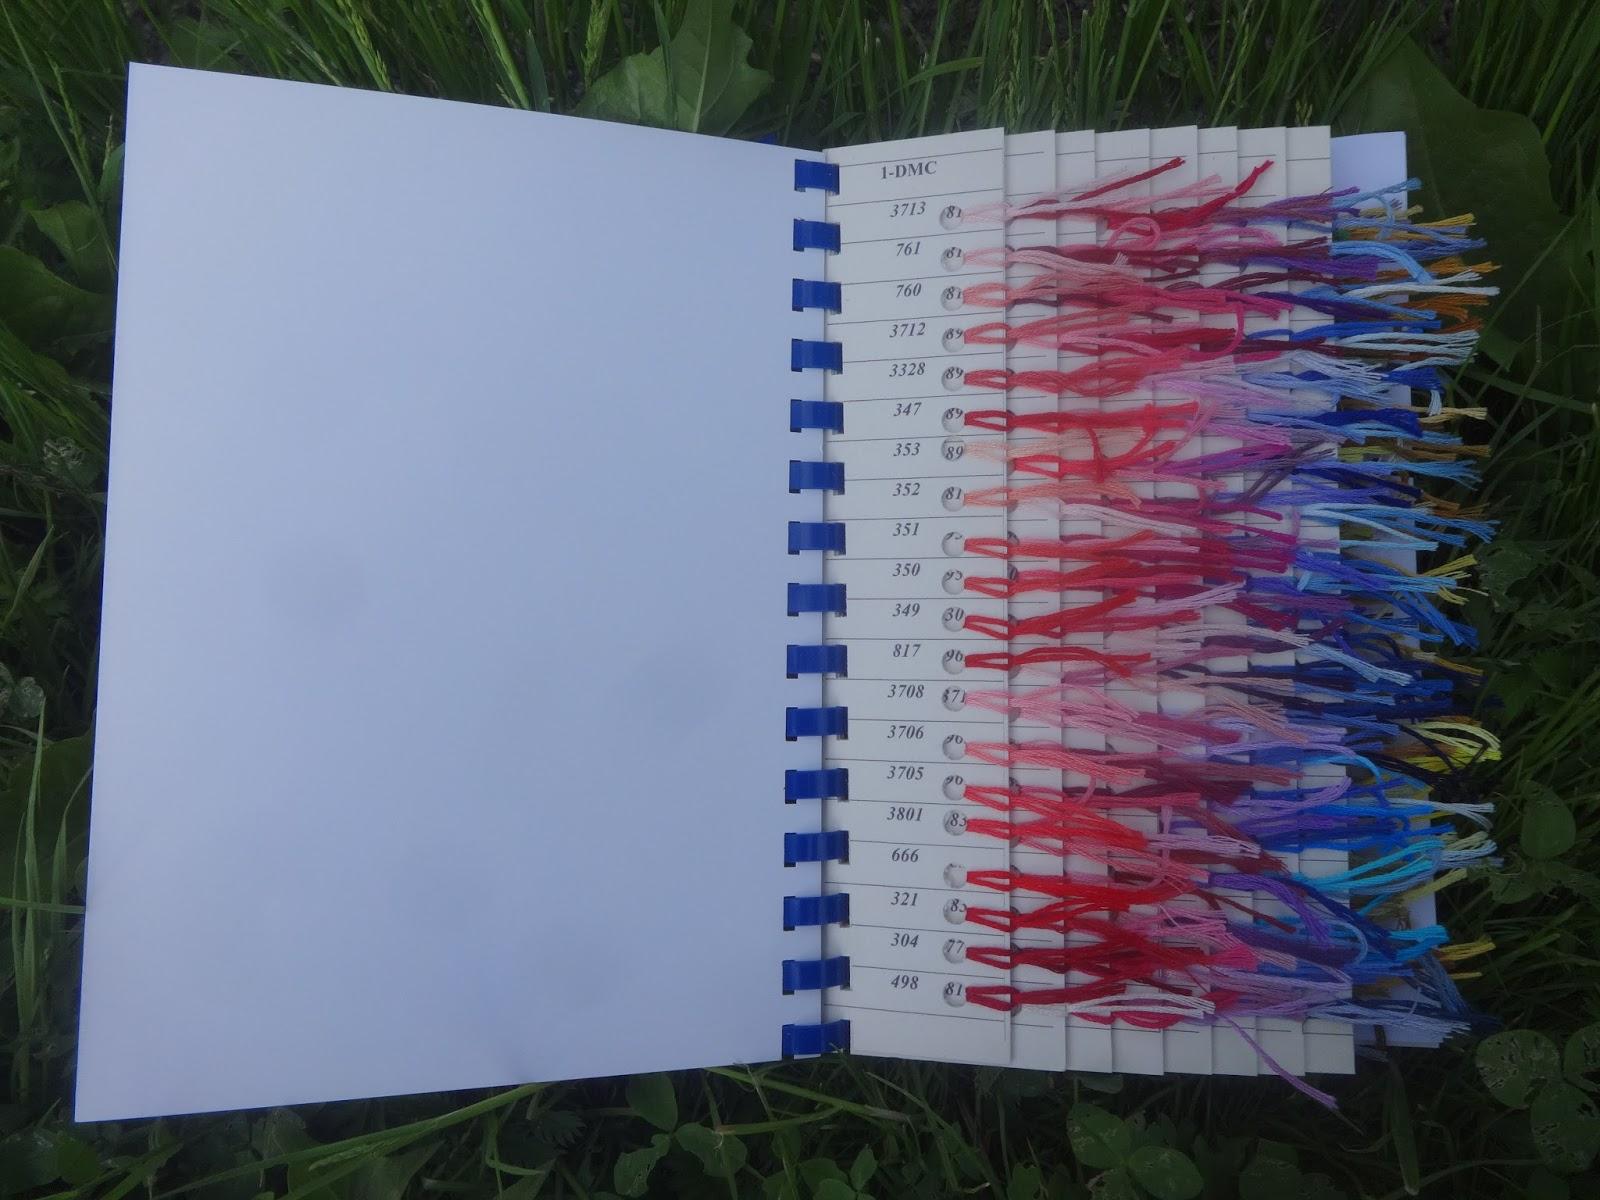 Живая карта цветов мулине своими руками 25